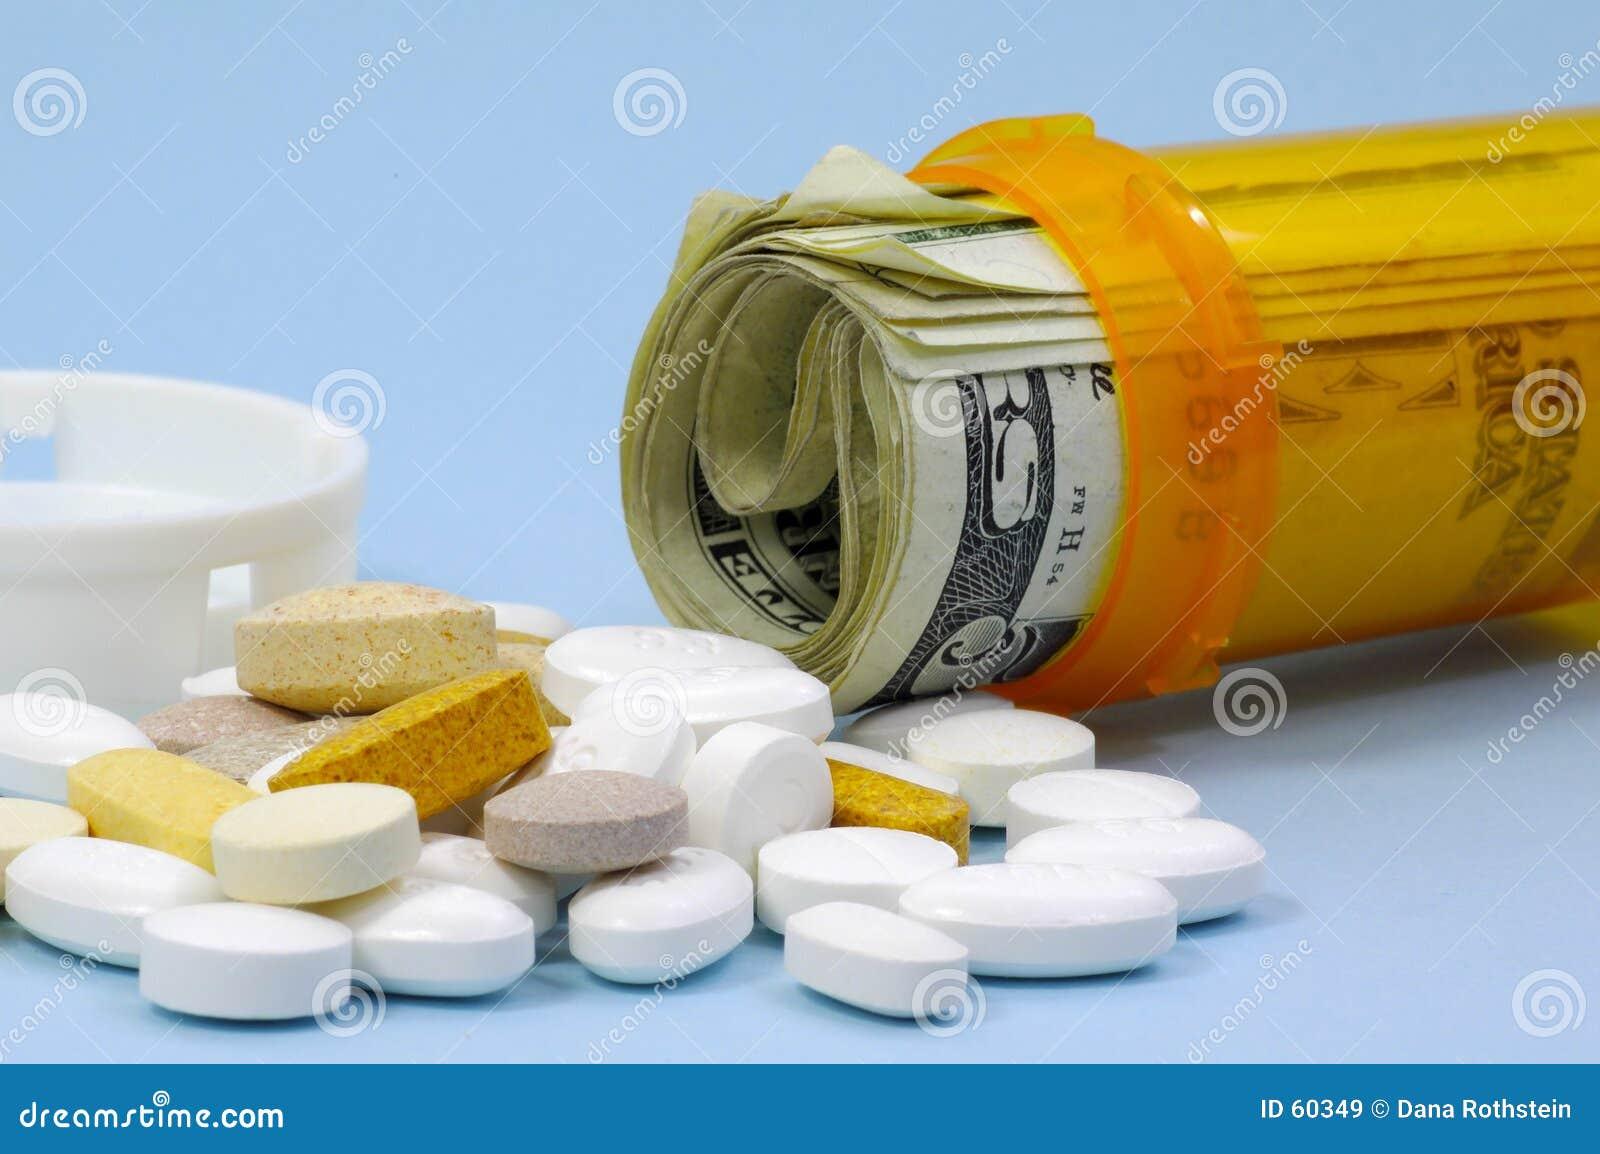 Download Coûts de drogue image stock. Image du coût, paiement, abstrait - 60349